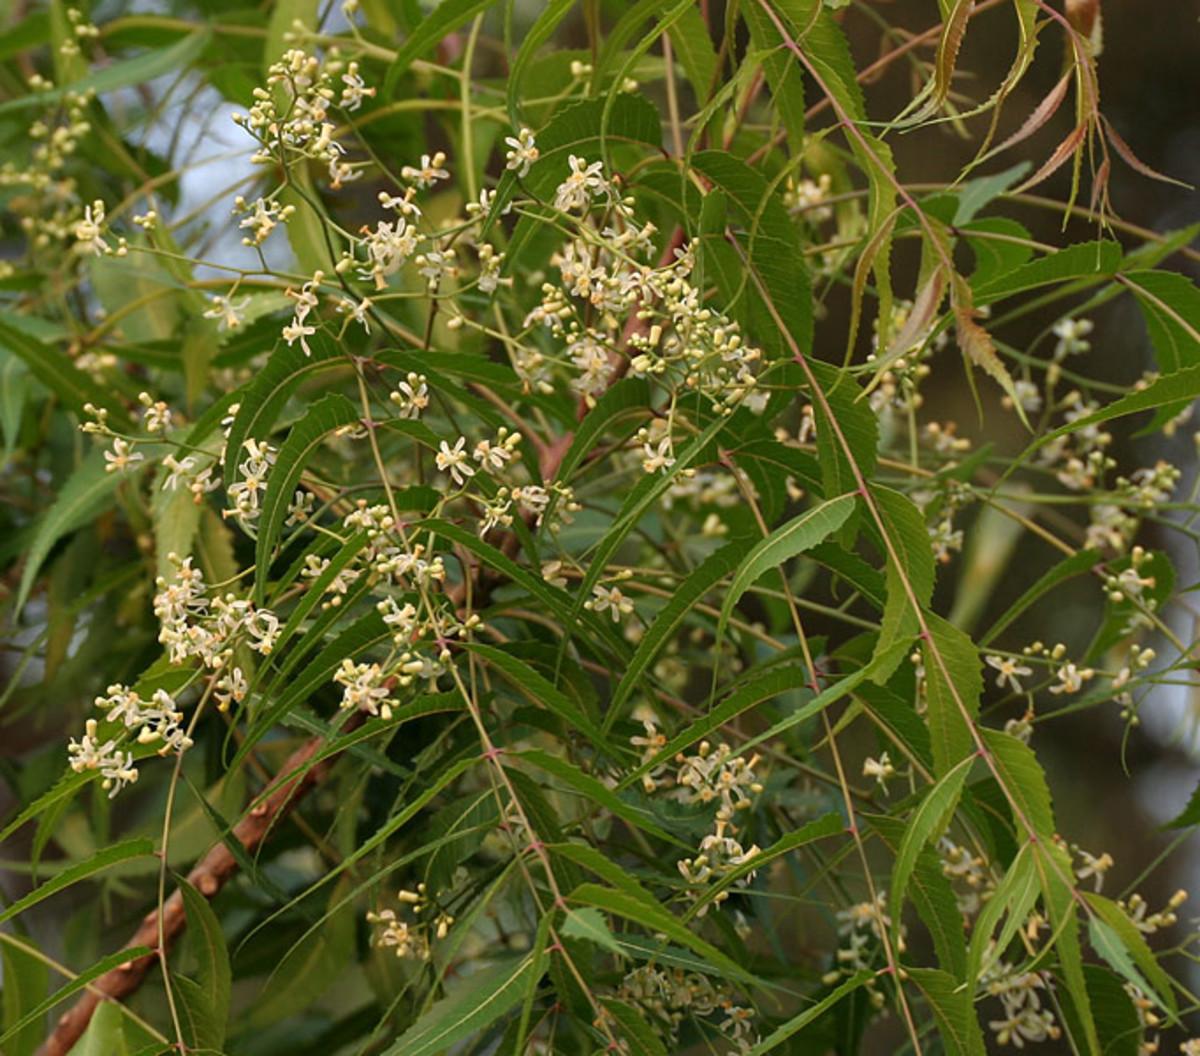 Flowers in a neem tree